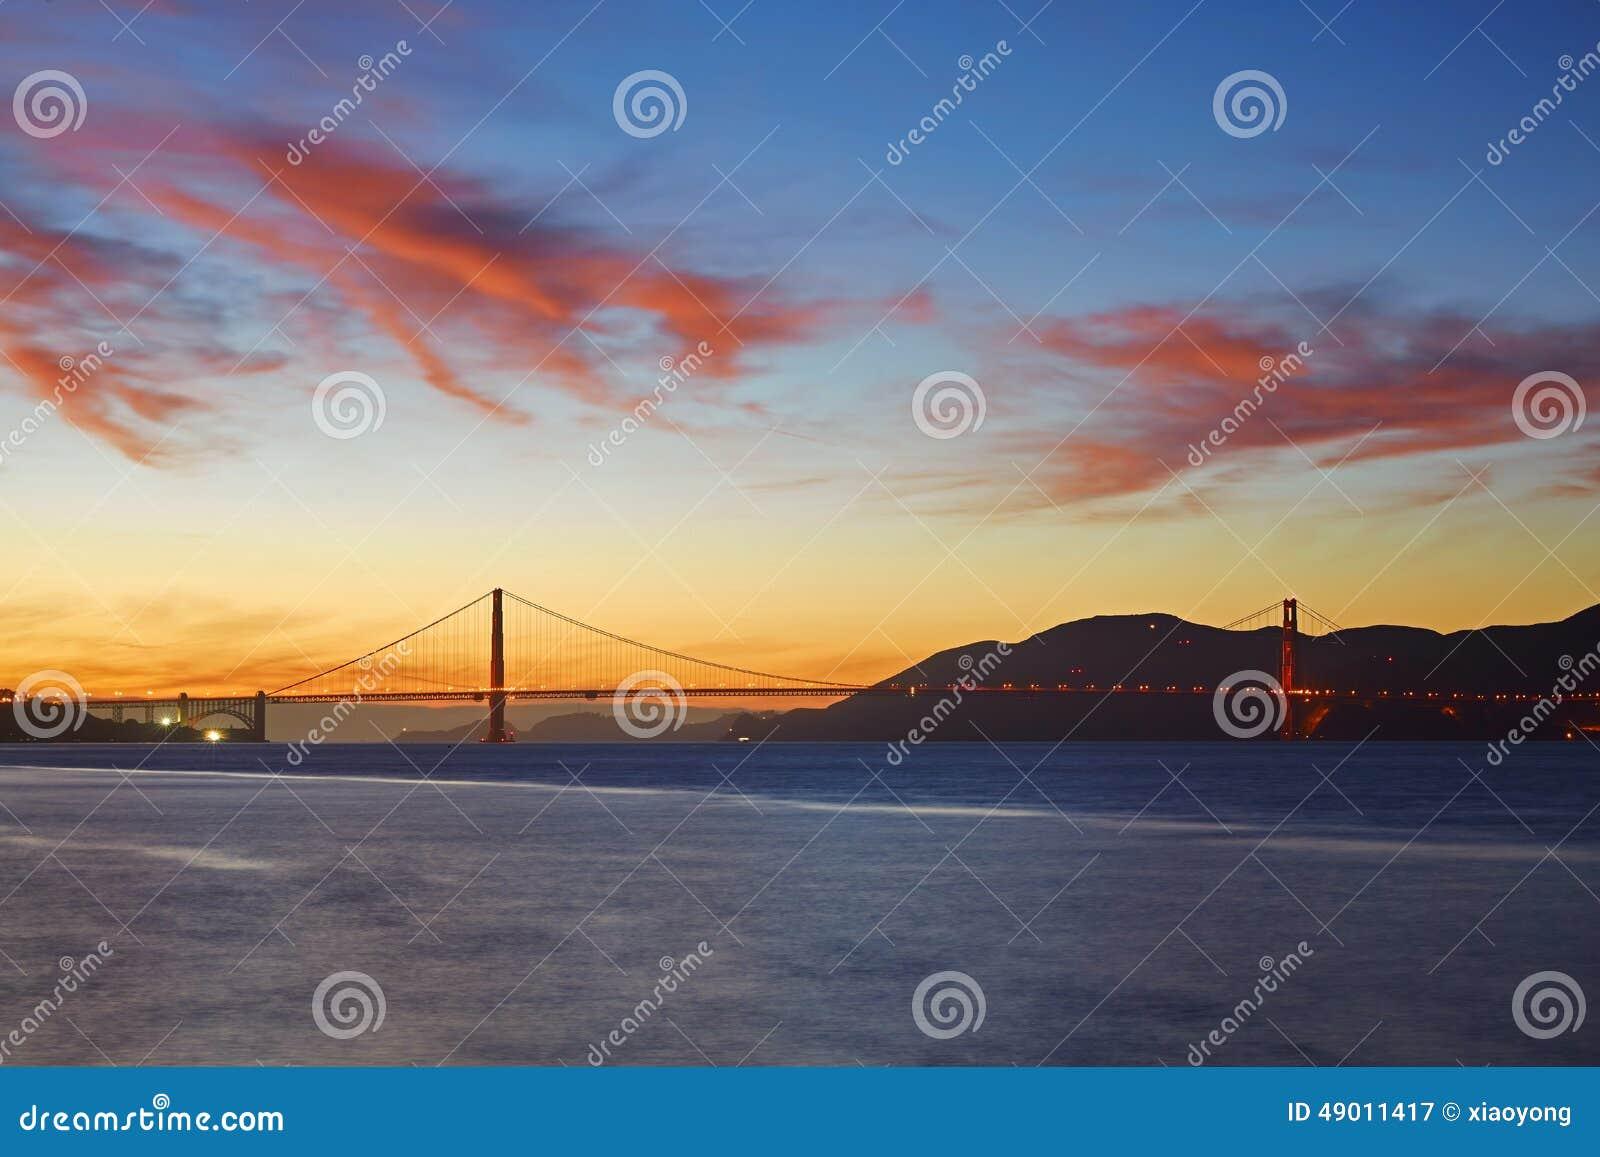 Χρυσή γέφυρα πυλών κάτω από το ηλιοβασίλεμα